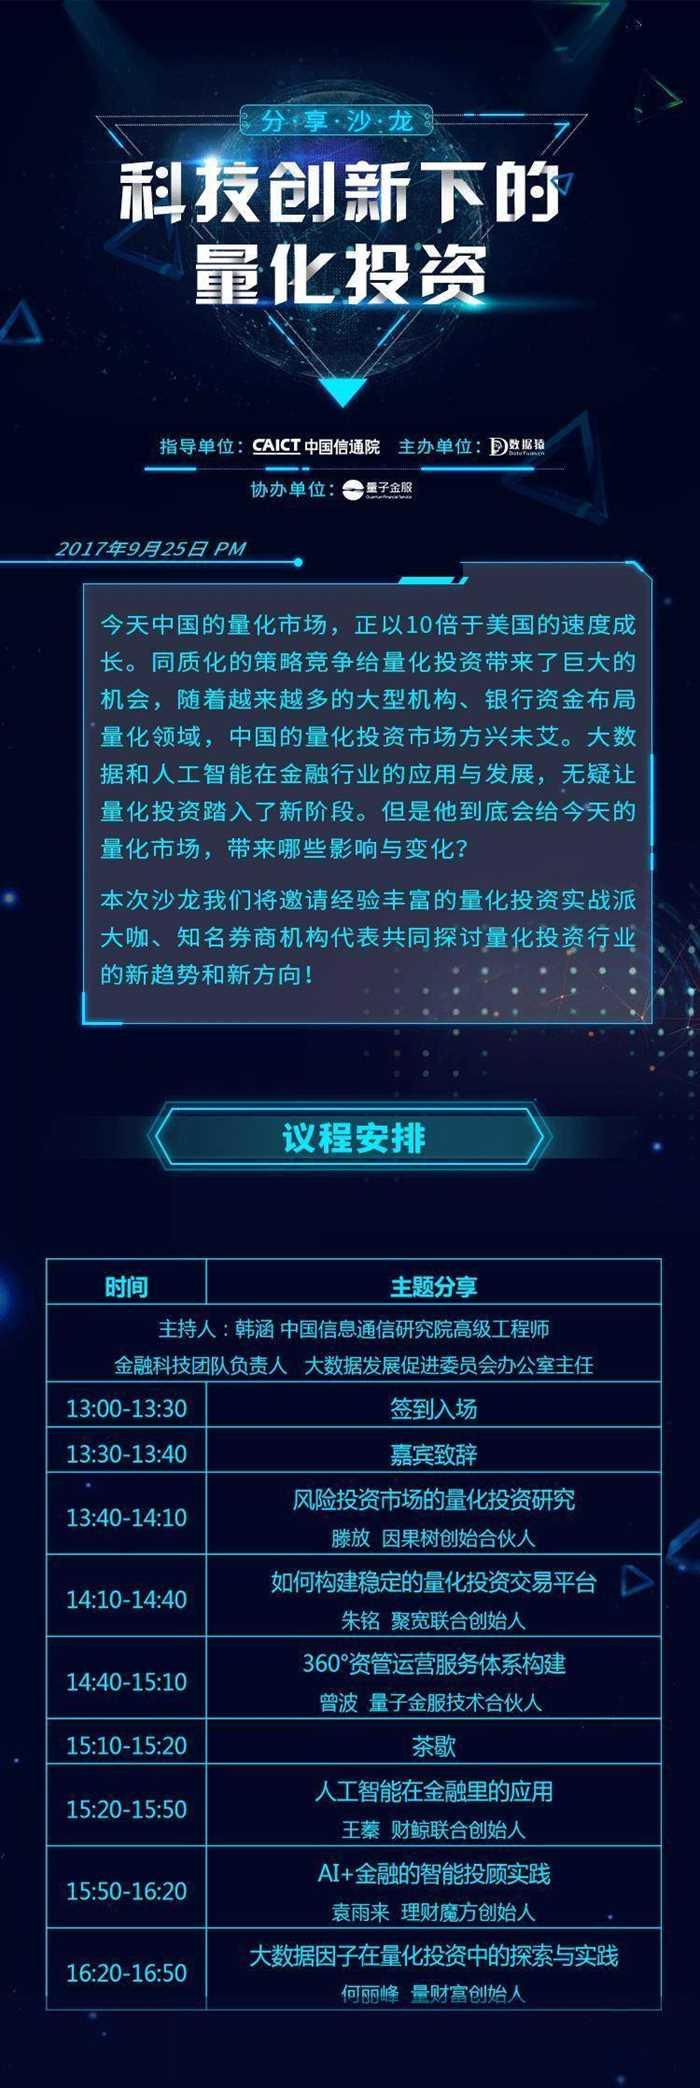 默认标题_自定义px_2017.09.20.png